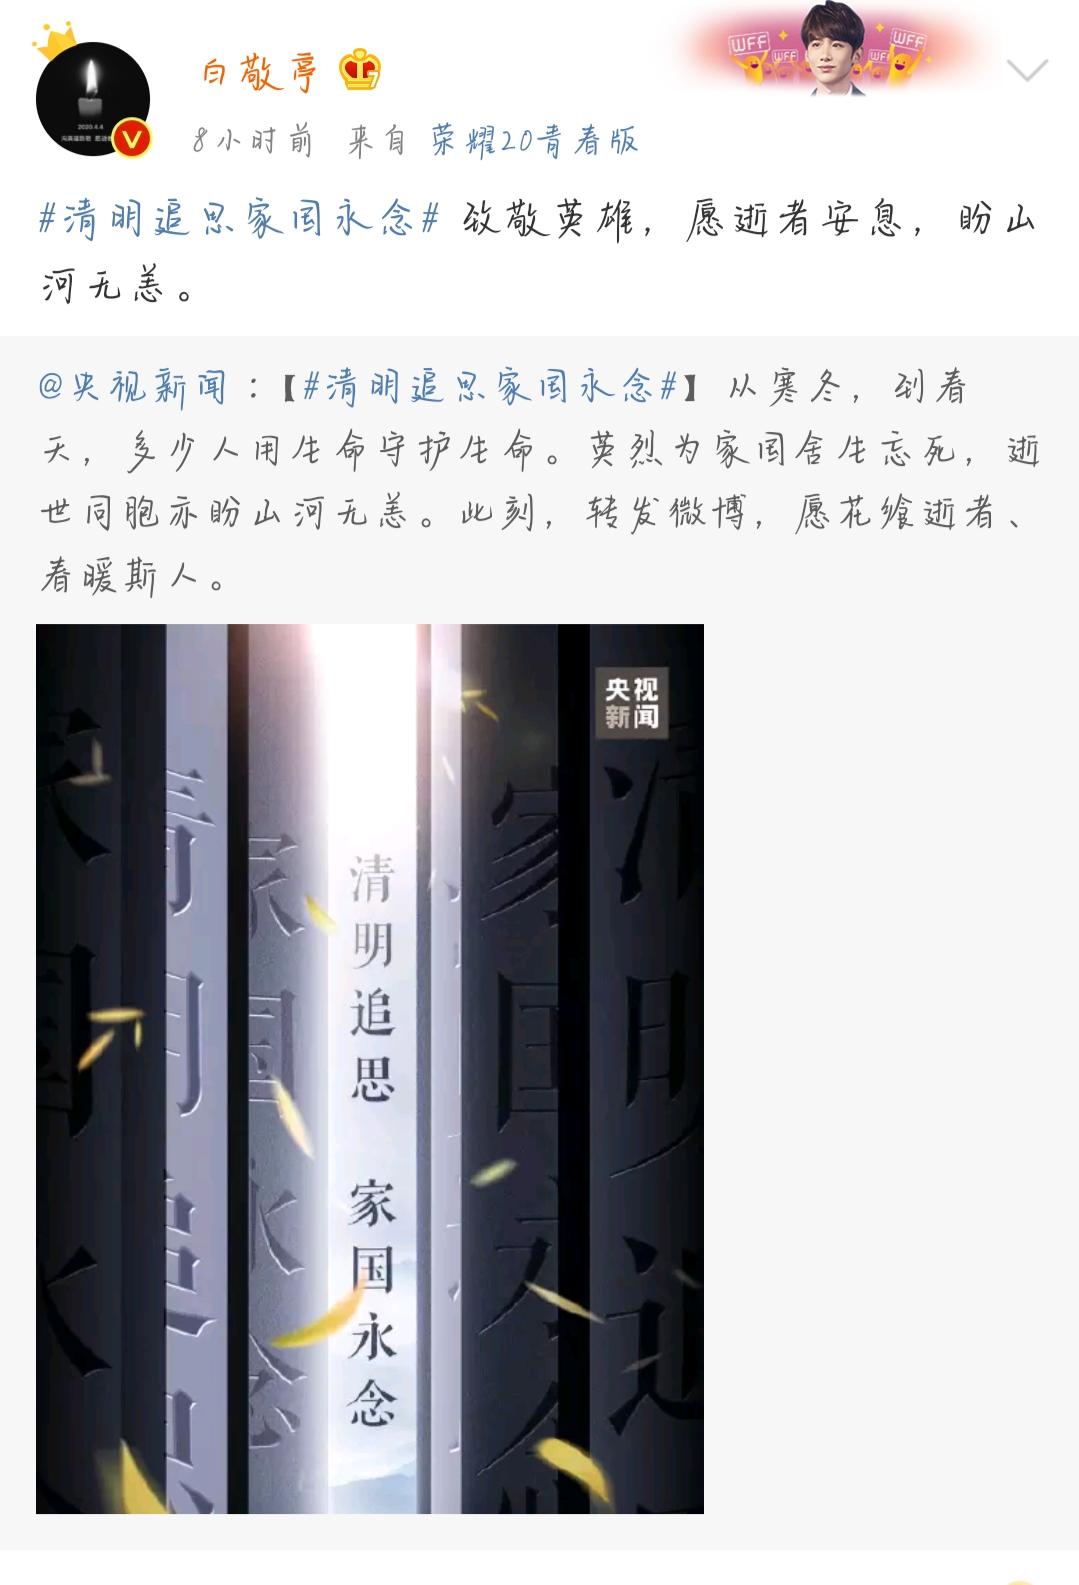 """[新闻]200404 白敬亭凌晨上线转发""""央视新闻""""微博 愿逝者安息,盼山河无恙"""